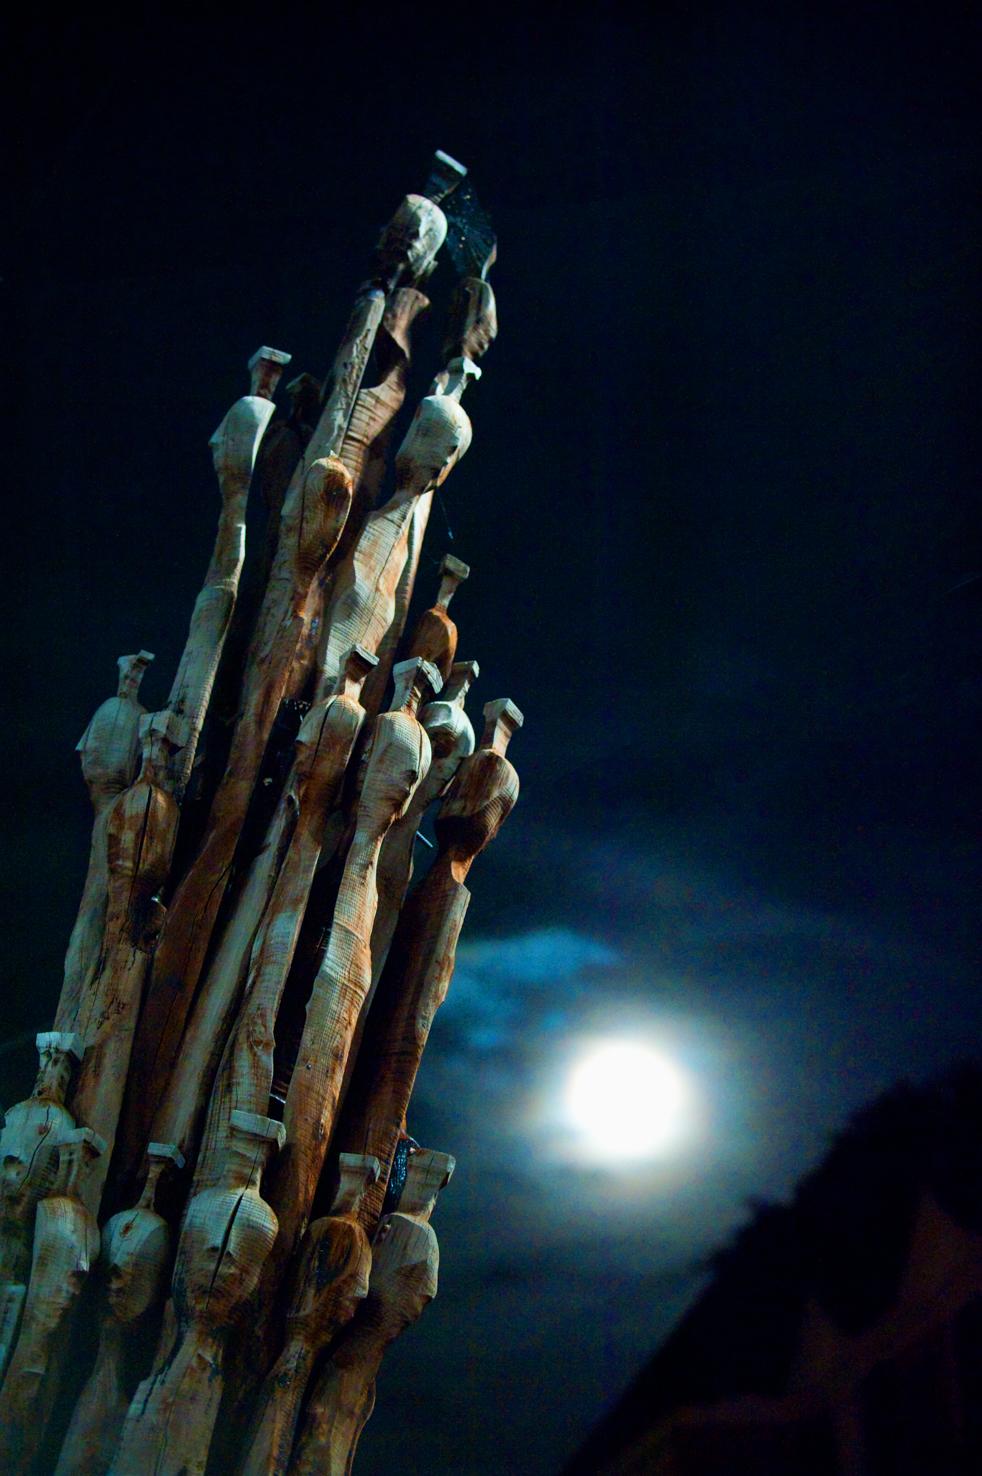 Vollmond Schang Hutter, Skulptur - © Art of Moment, Carmen Weder, Fotografie, Bern, Schweiz